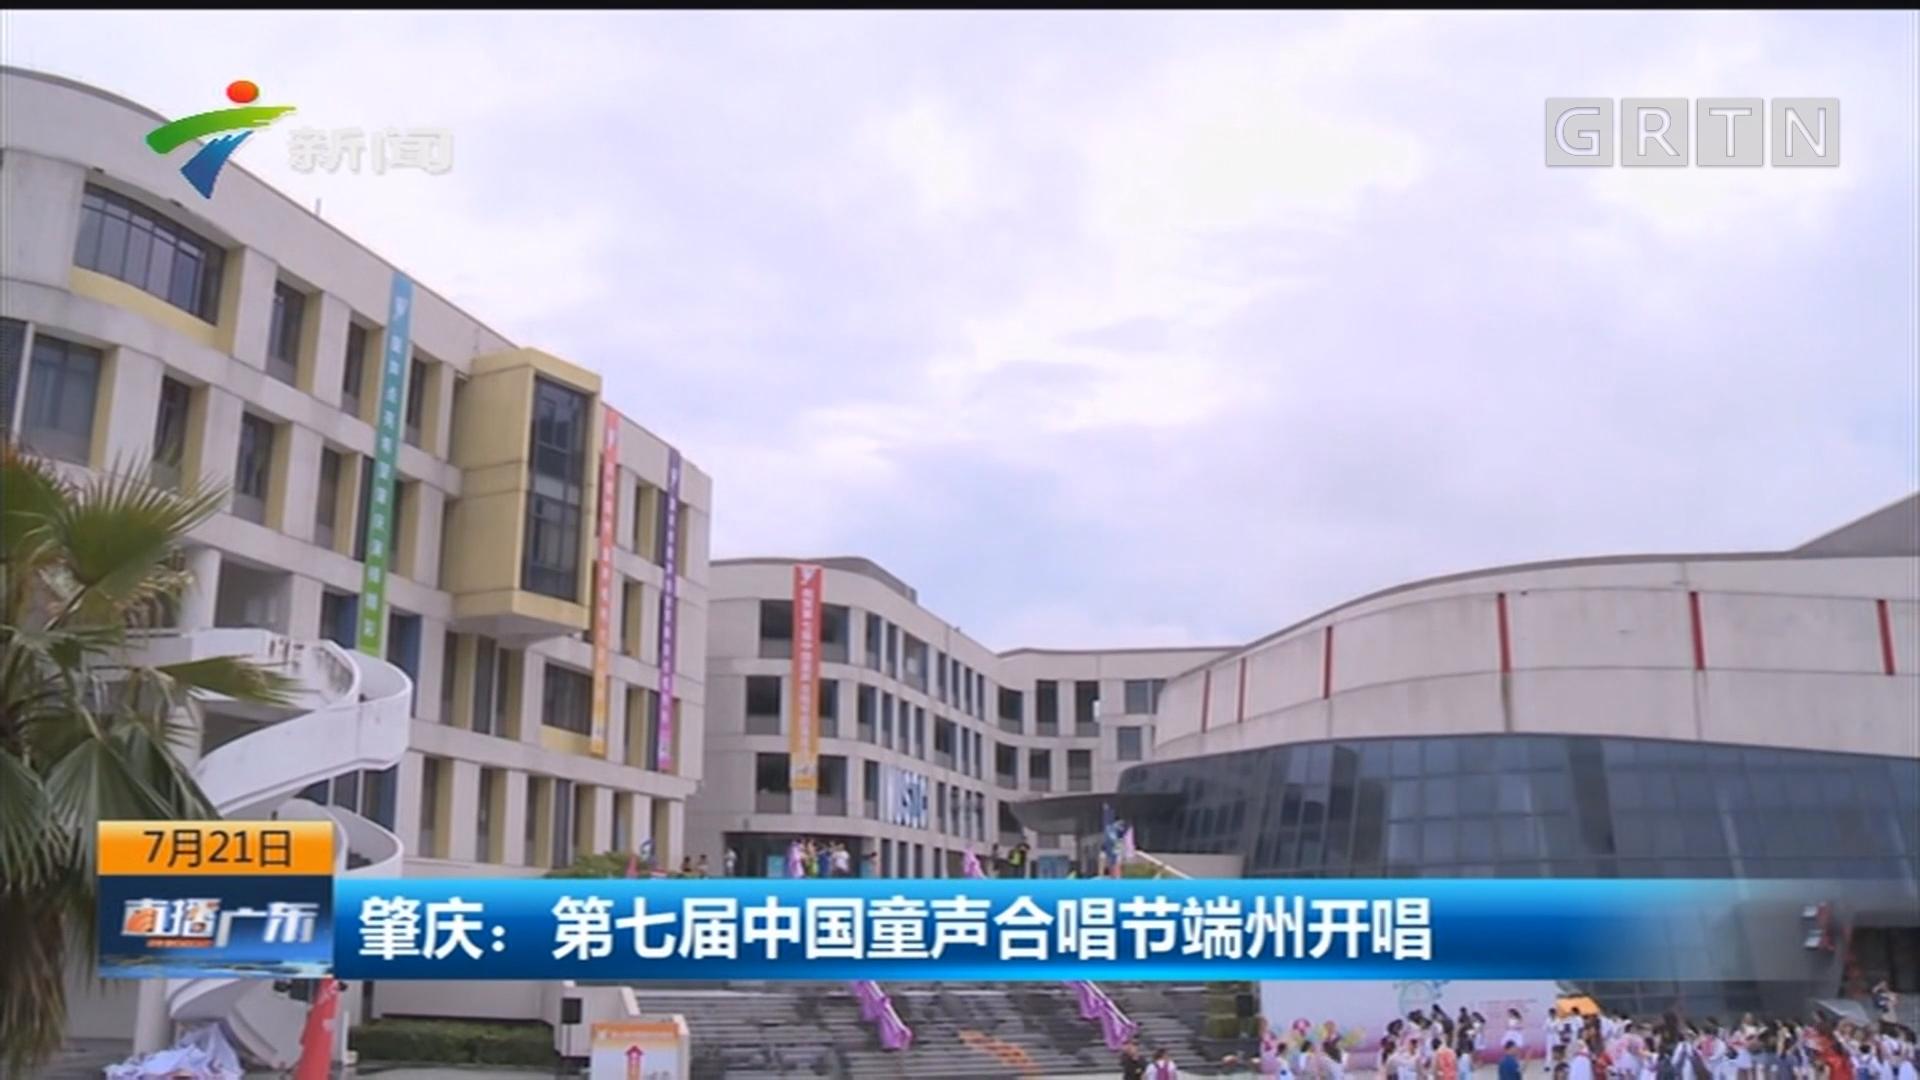 肇庆:第七届中国童声合唱节端州开唱